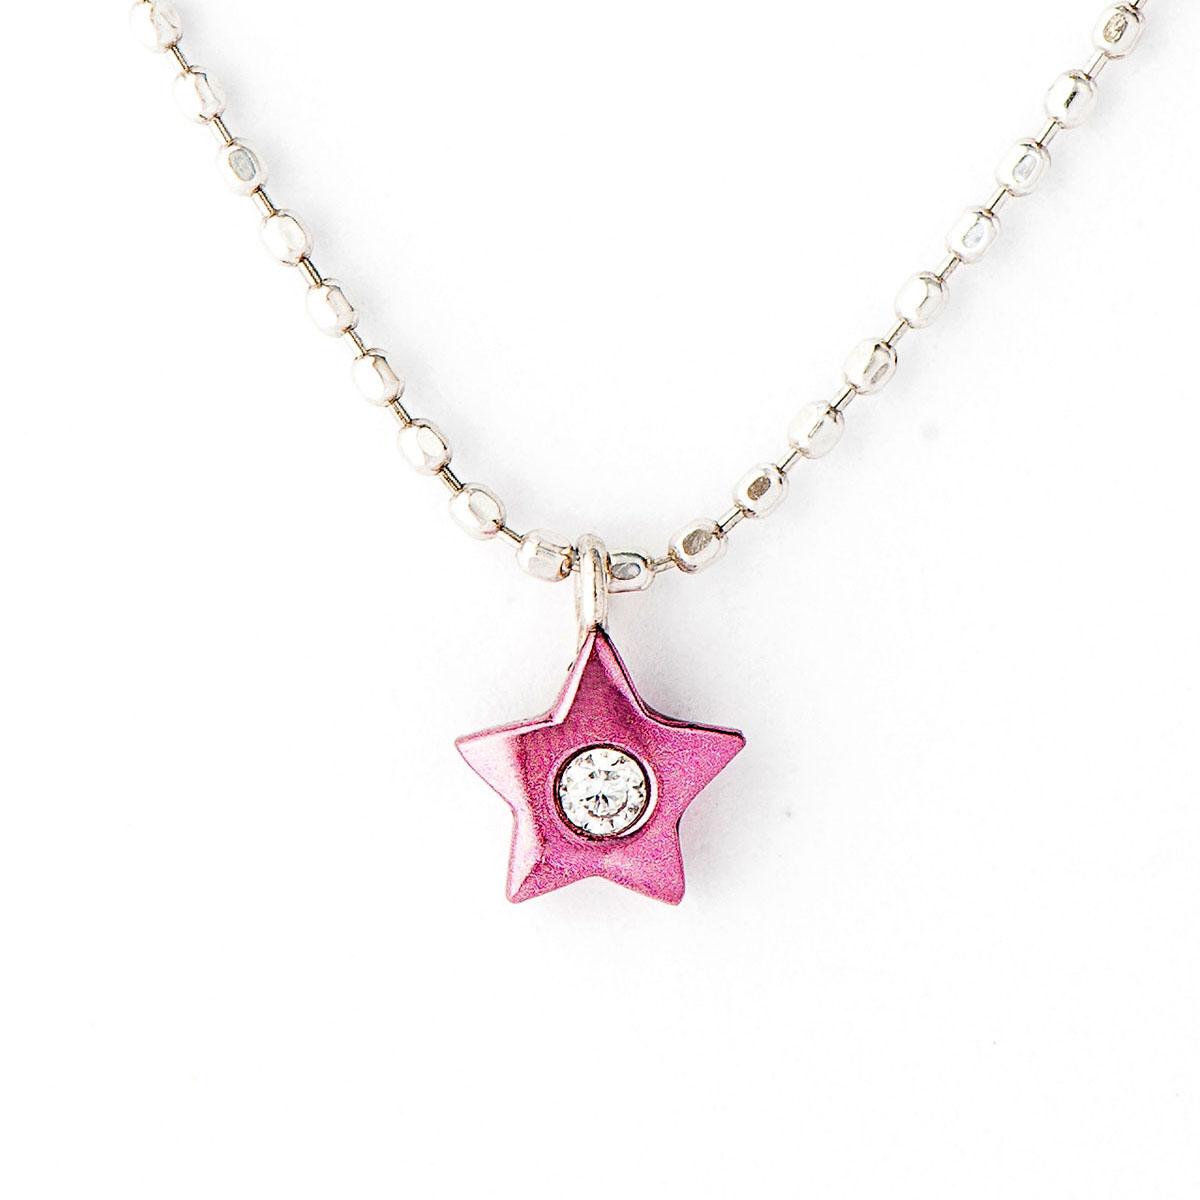 Cierin Cute ダイヤモンド ペンダント ネックレス スター Charm K18 パープルゴールド(星 ダイヤモンド ネックレス パープルゴールド PURPLE GOLD ジュエリー プレゼント ギフト)